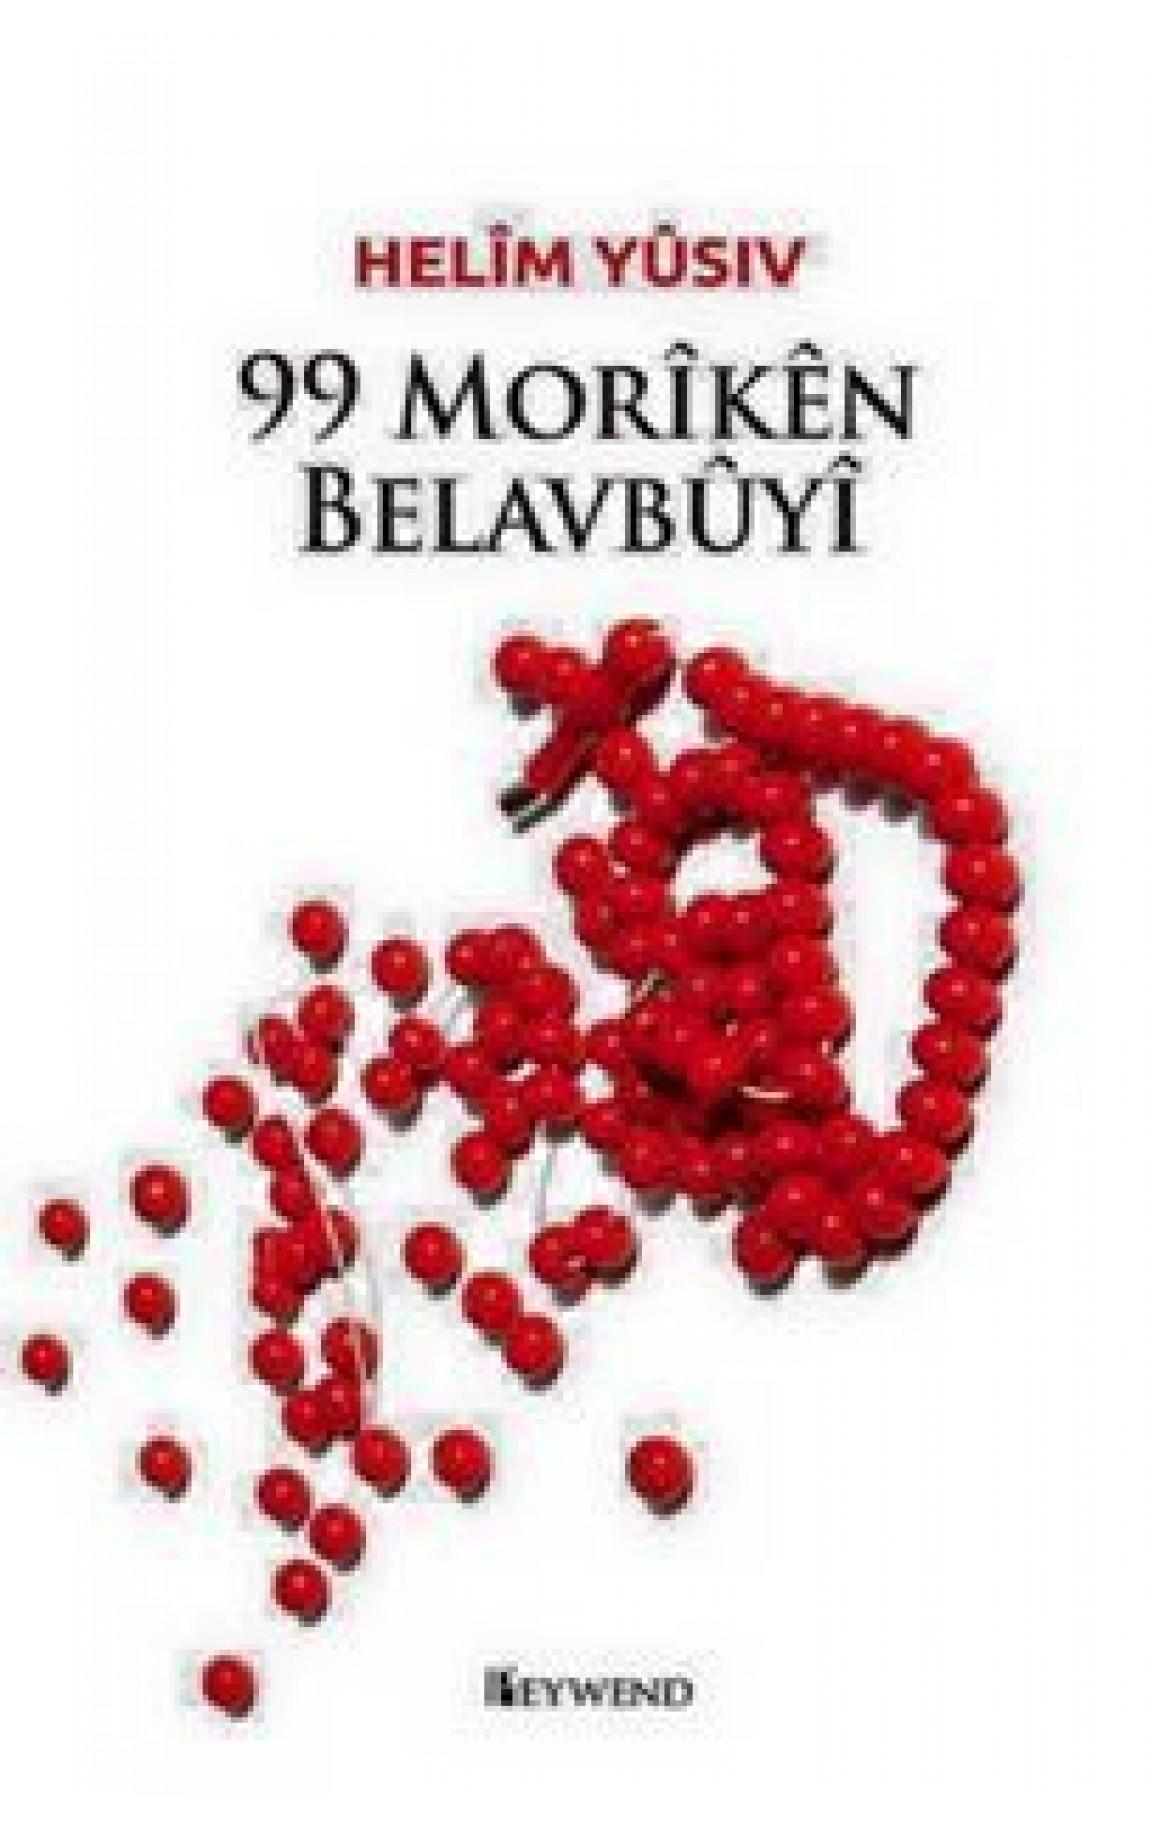 99 Morîkên Belavbûyî